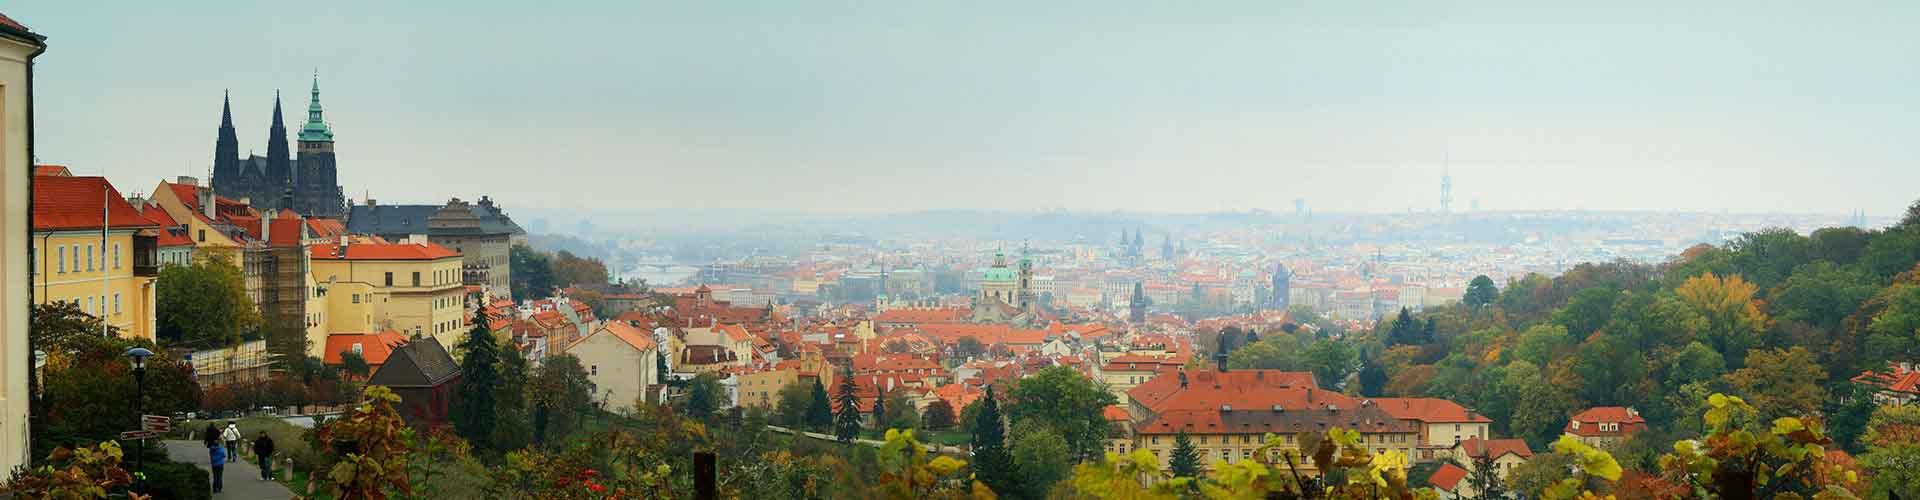 Praga – Ostelli nella zona  Praga 3. Mappe per Praga, Foto e Recensioni per ogni Ostello a Praga.